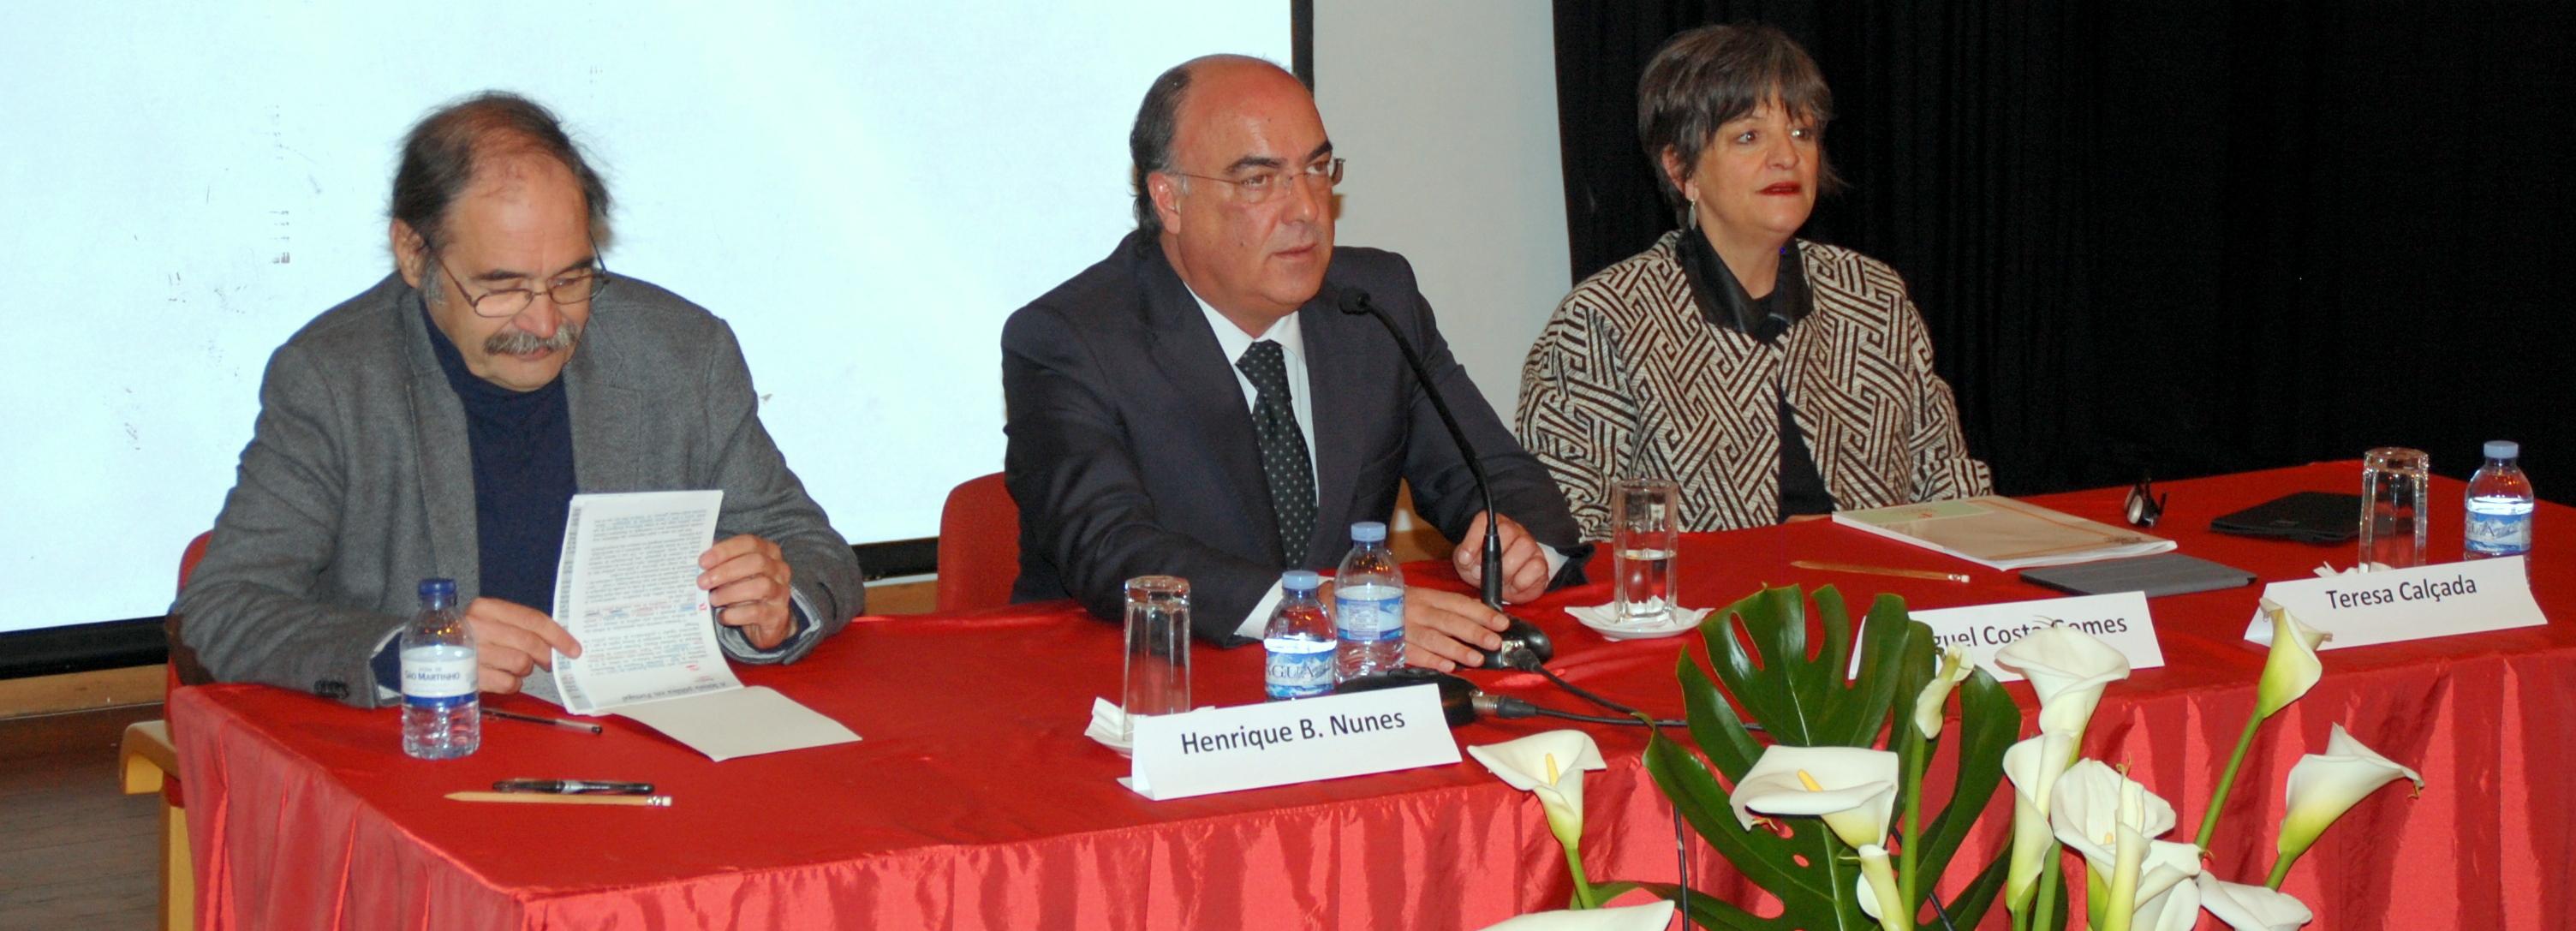 Encontro de Bibliotecas de Barcelos reafirma aposta do Município na educação